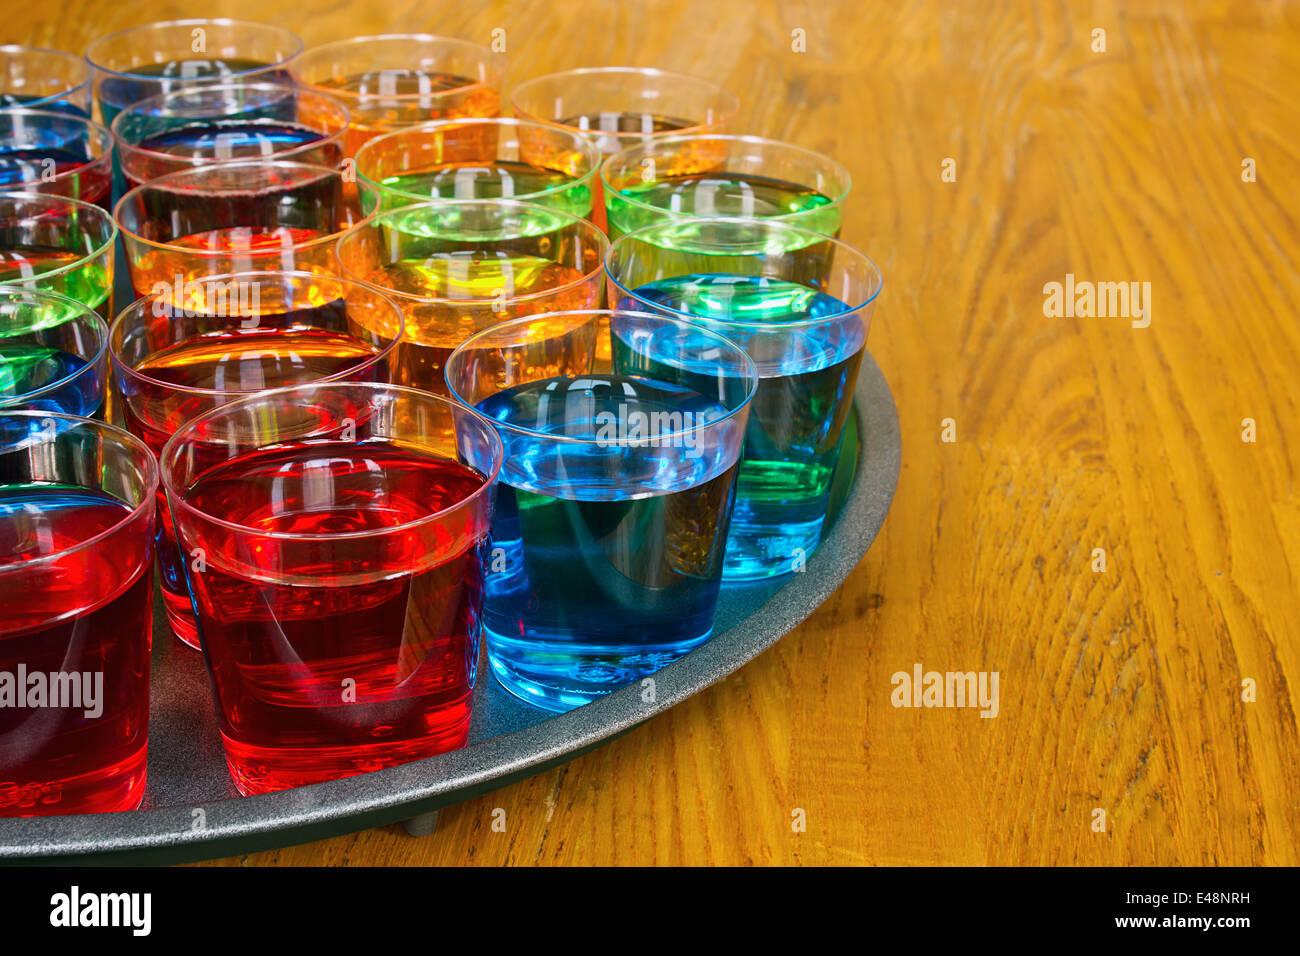 La promotion des boissons avec divers projectiles sur un plateau d'essai comme abécédaires ou dégustateurs Photo Stock